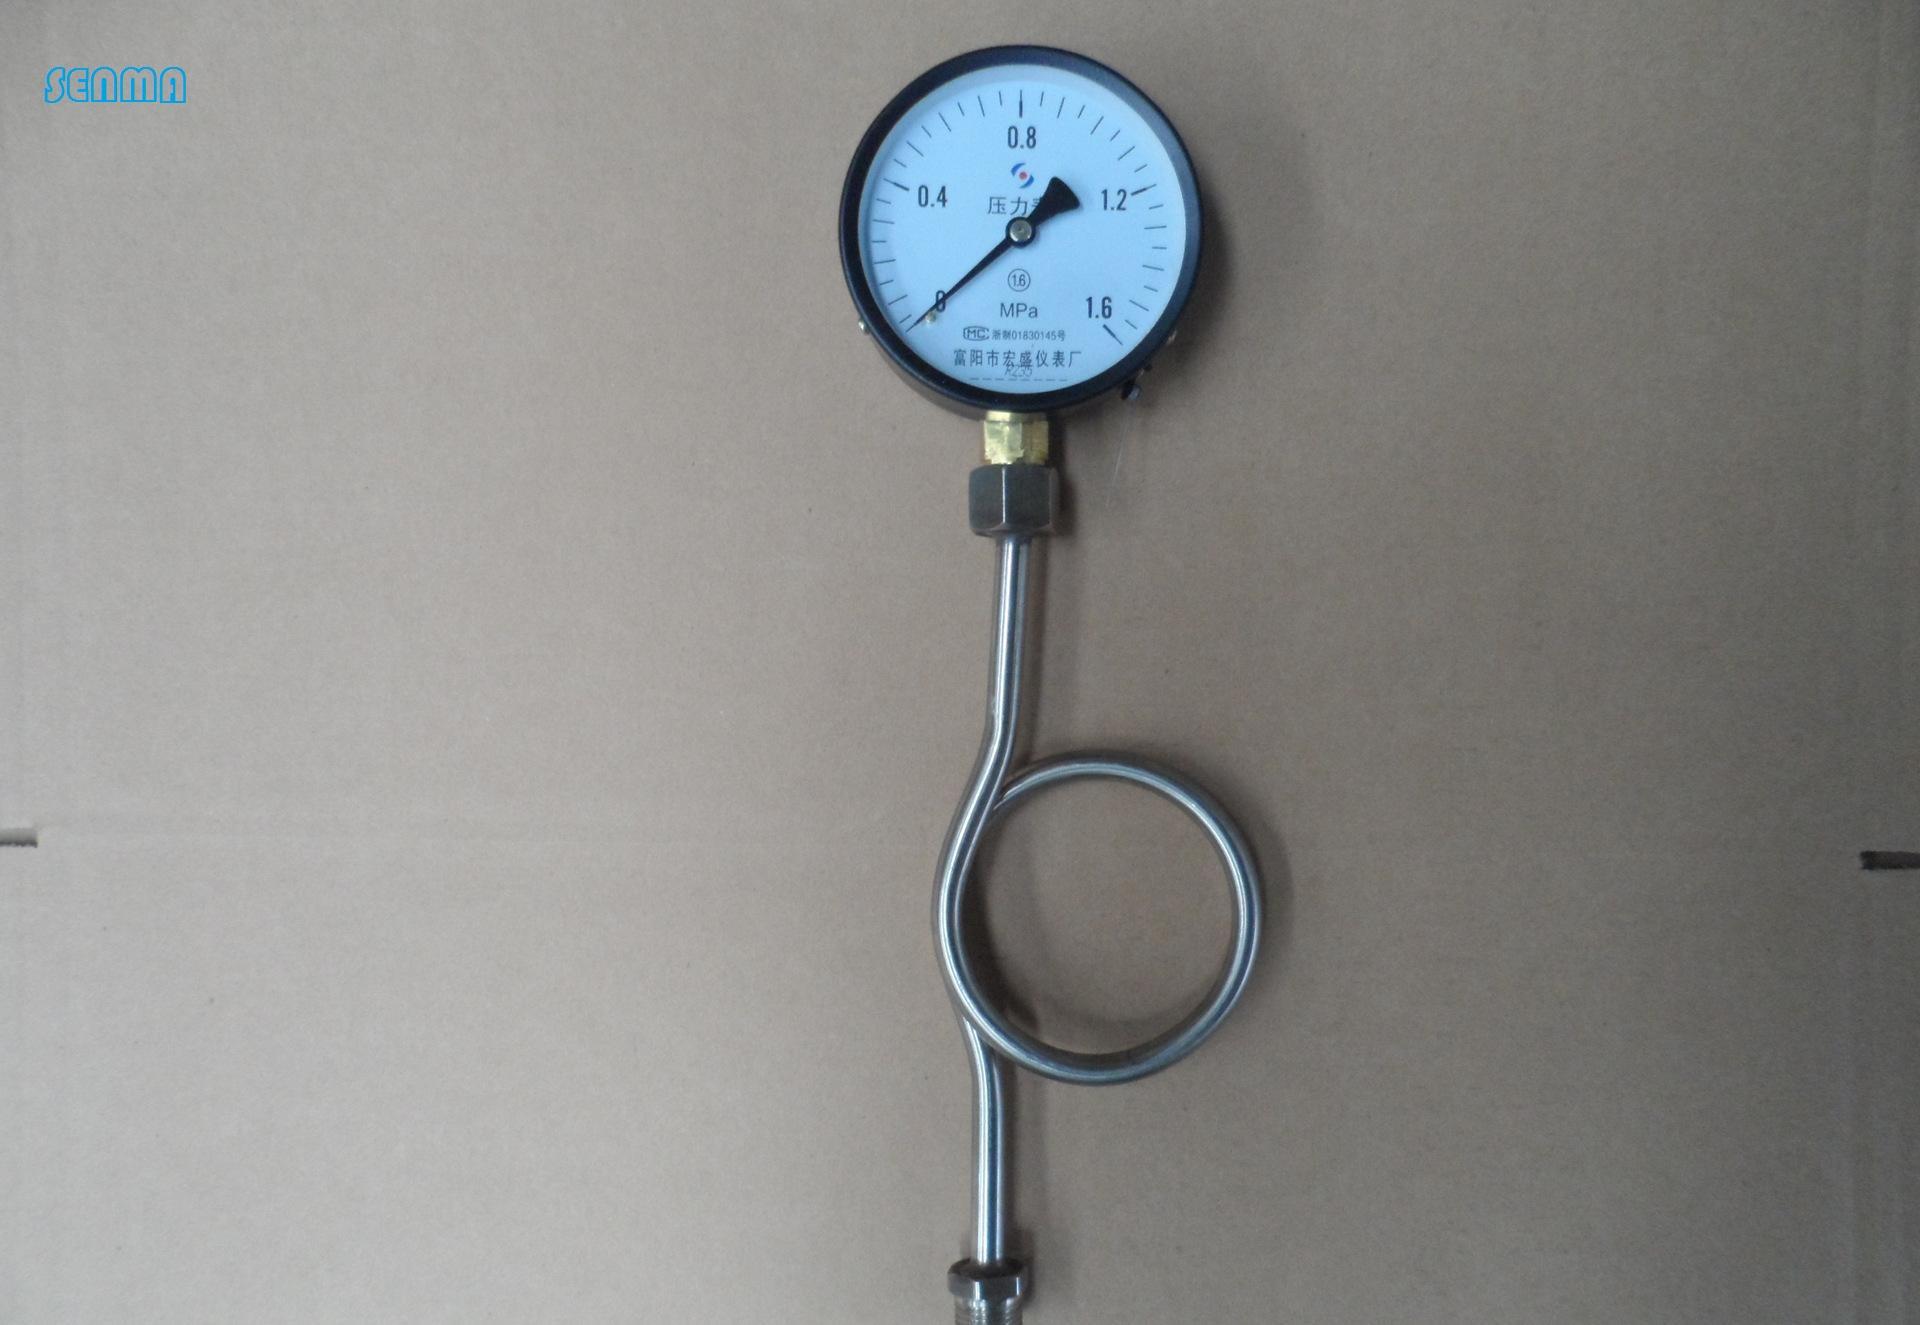 不锈钢压力表弯-郑州森玛自控阀门有限公司